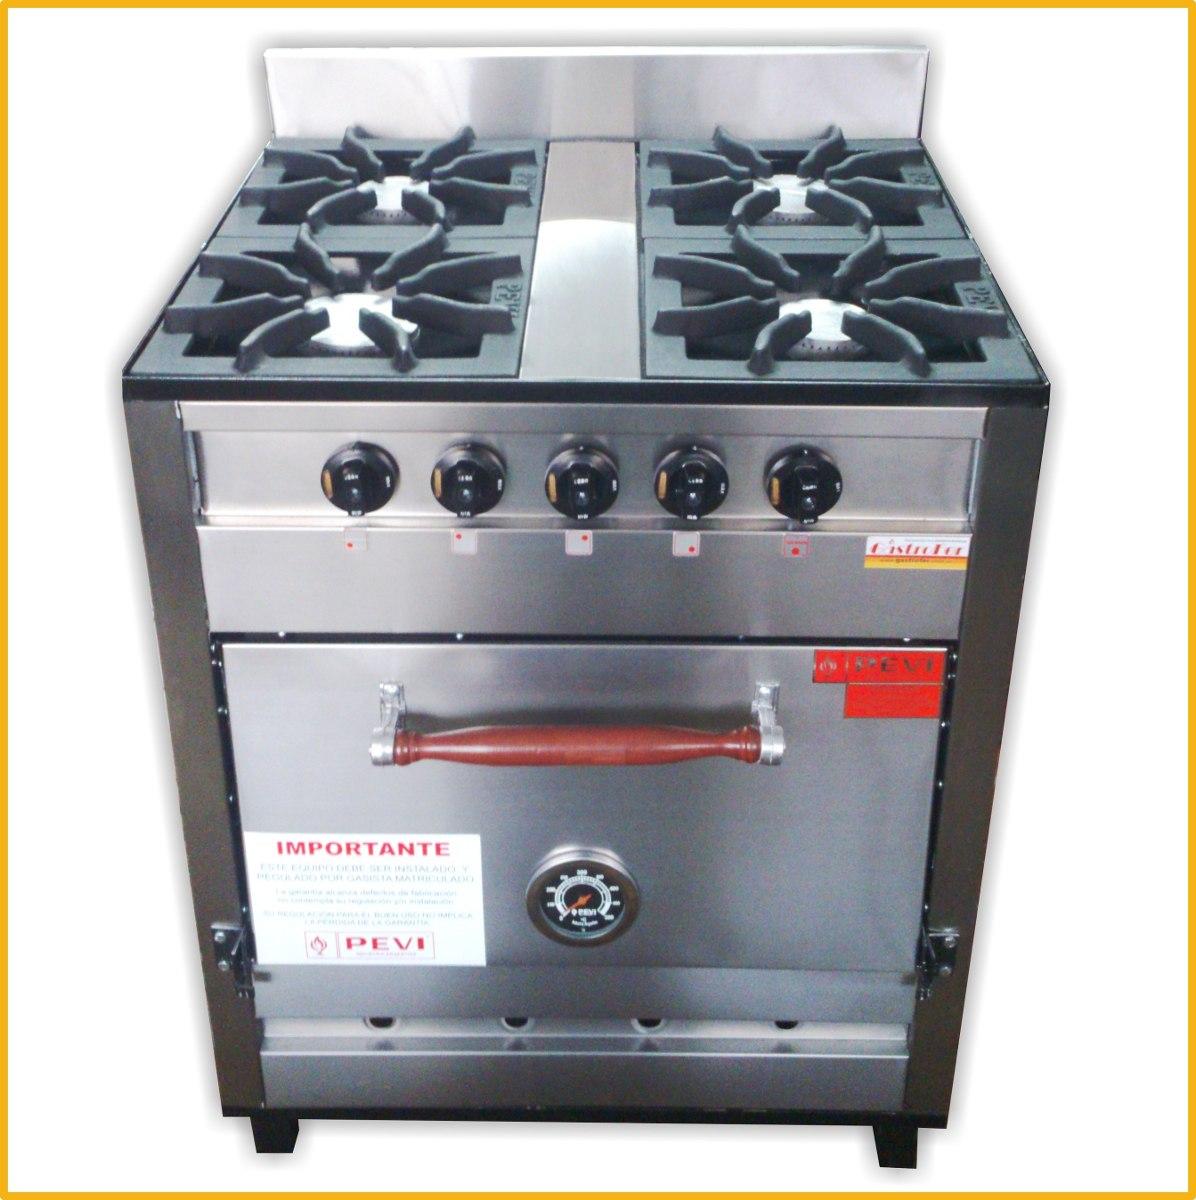 Cocina Industrial Familiar Pevi 4 Hornallas Acero Inox 70 Cm   789999 en Mercado Libre